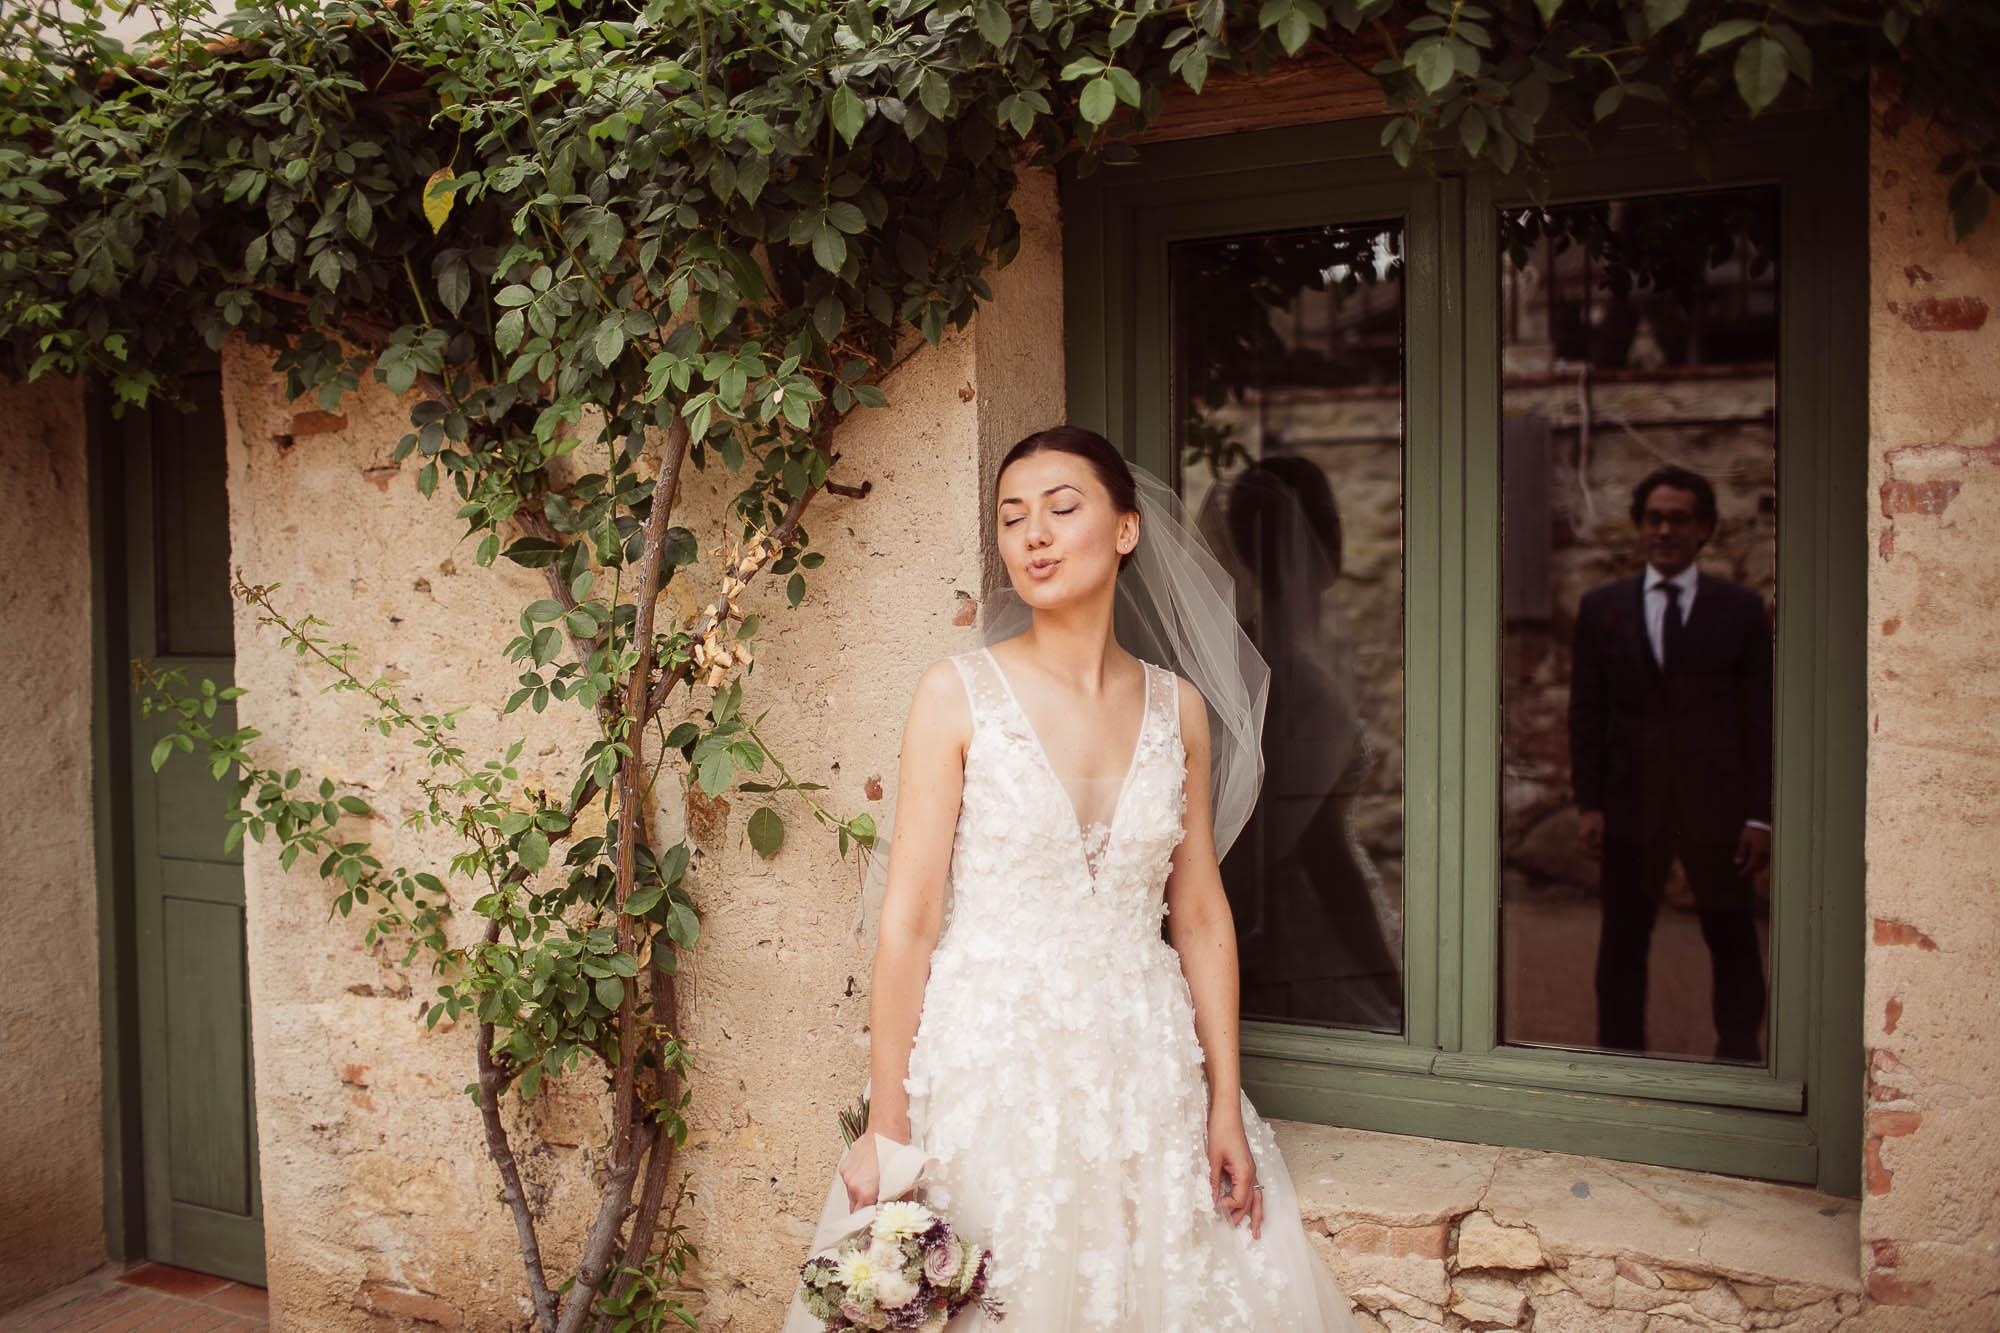 La novia habla con el novio el día de la boda